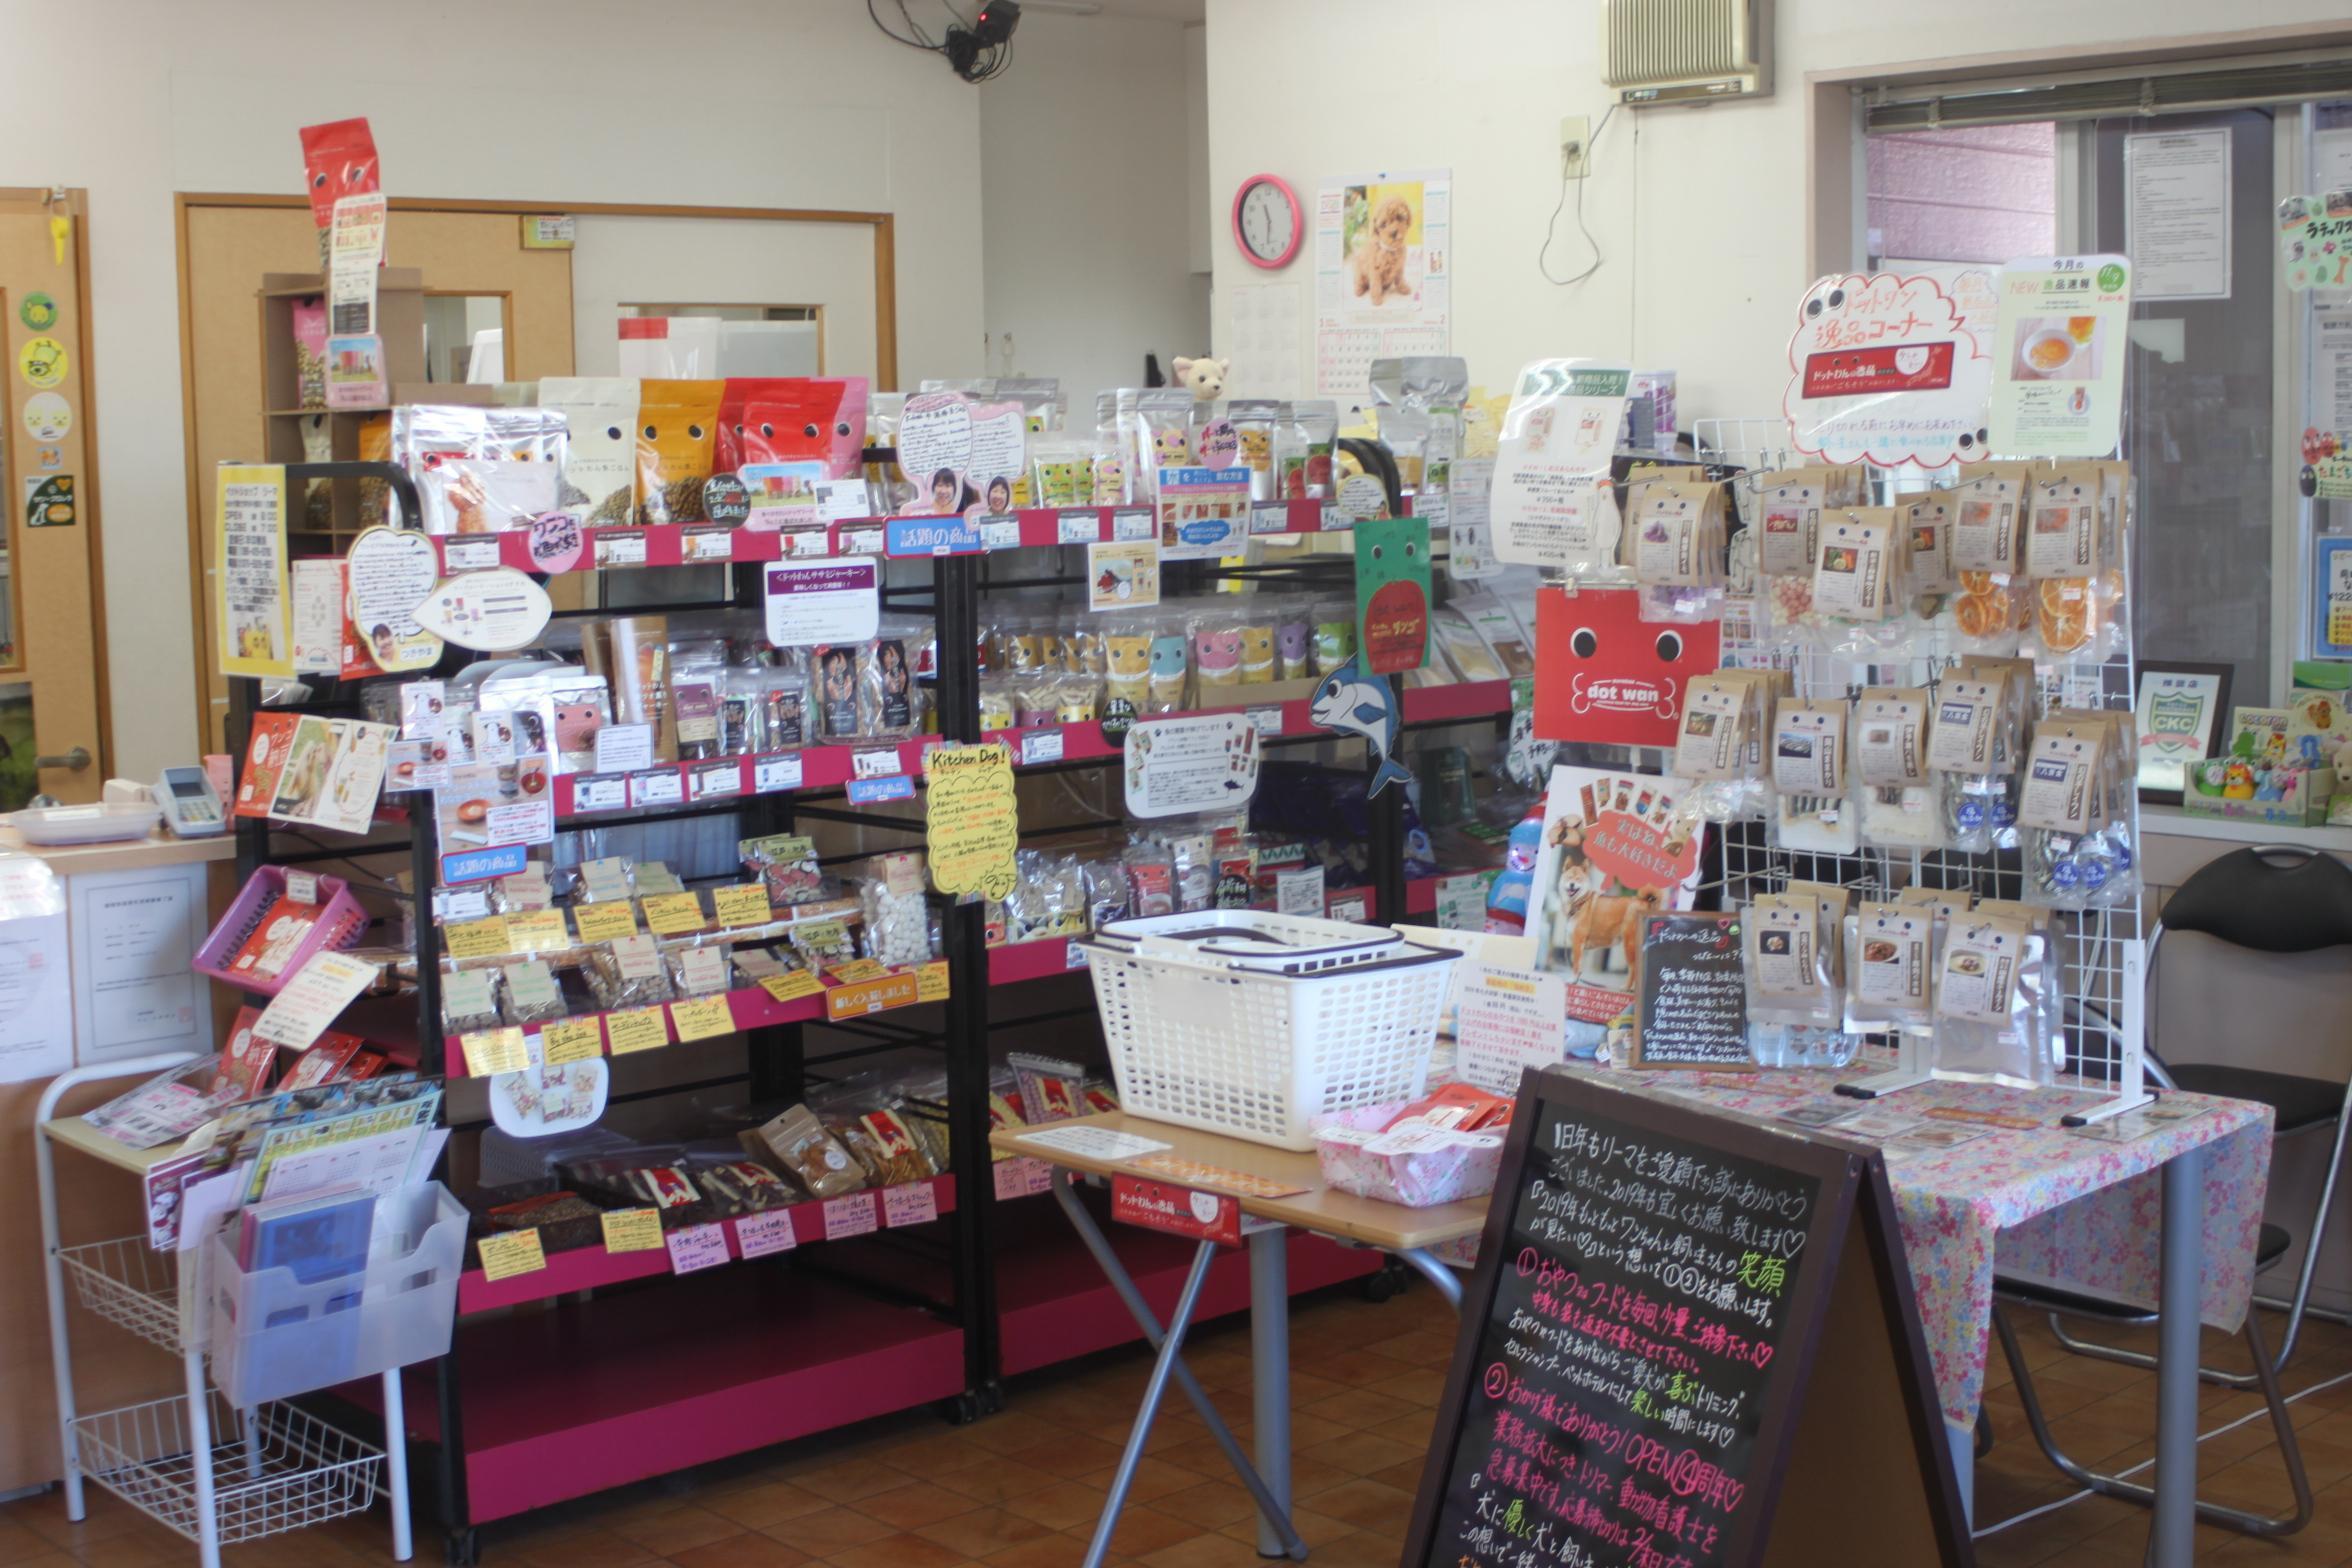 店内写真です。愛犬の健康を考えた商品を扱っています。